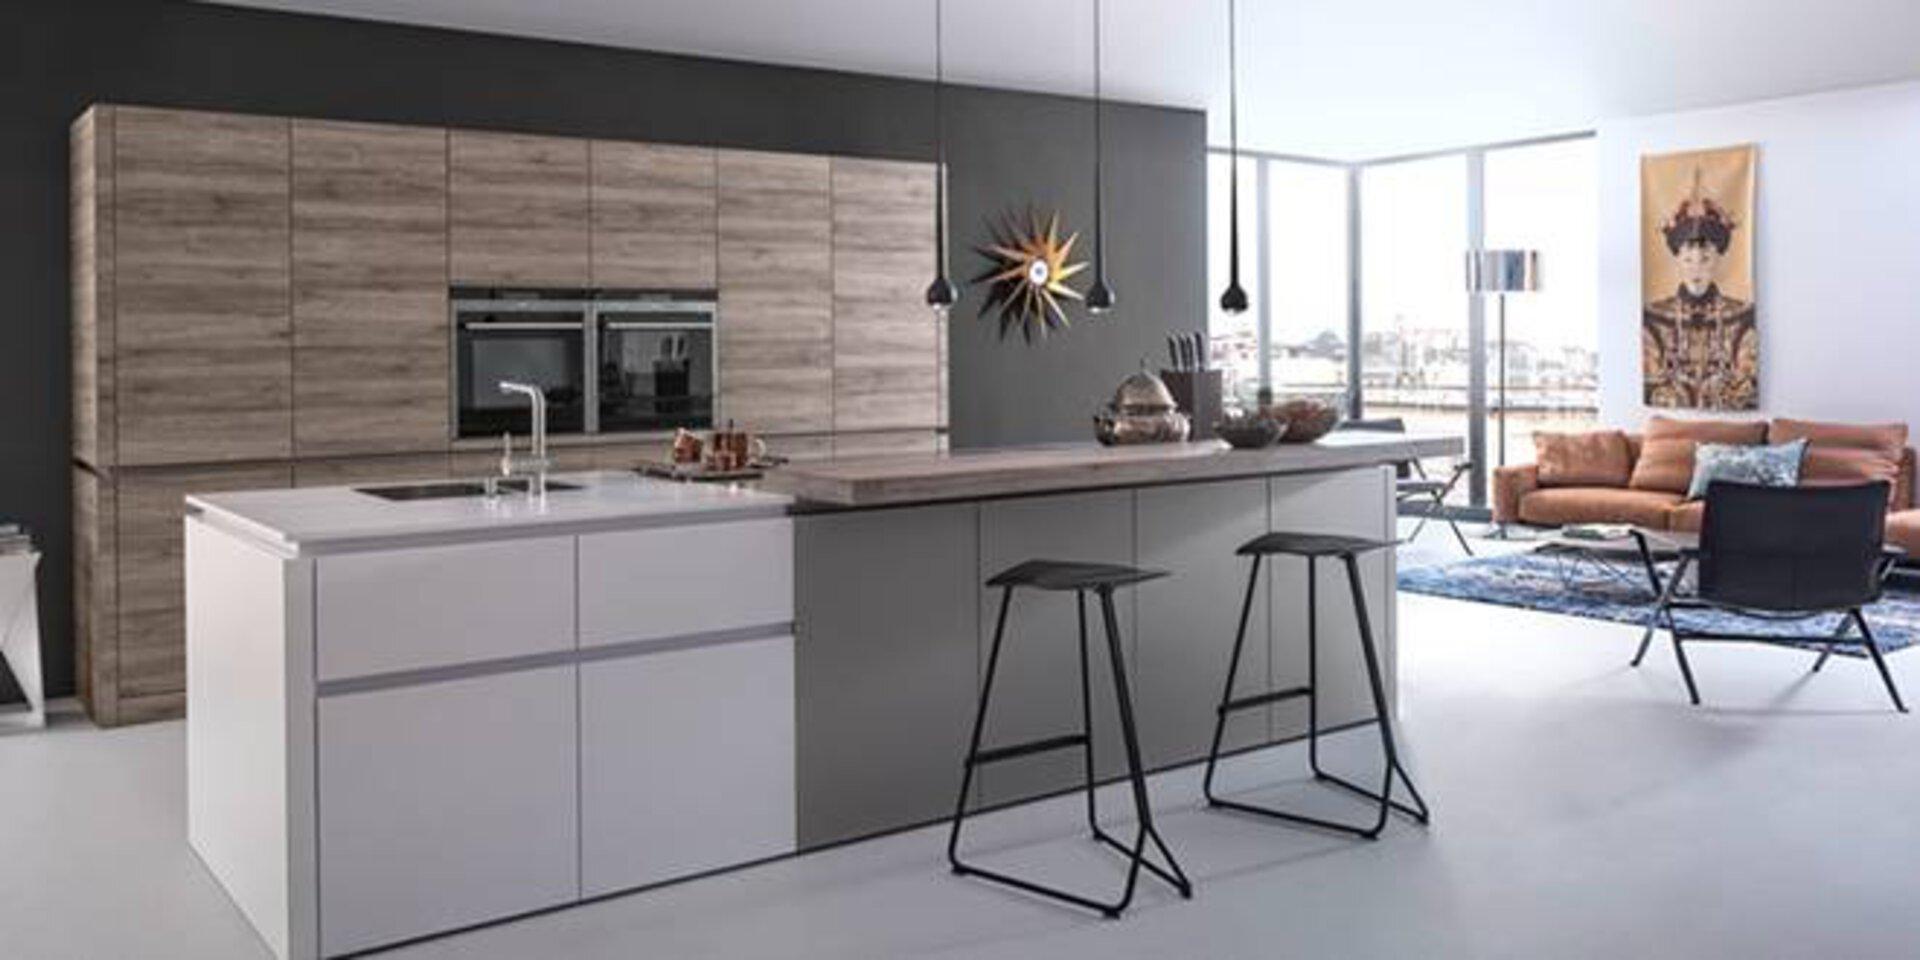 Titelbild der Markenseite zu LEICHT zeigt eine offene Wohnküche mit großer Kücheninsel in weiß und grau. Die Kücheninsel ist gleichzeitig Essenstheke und es stehen zwei moderne Barhocker davor.